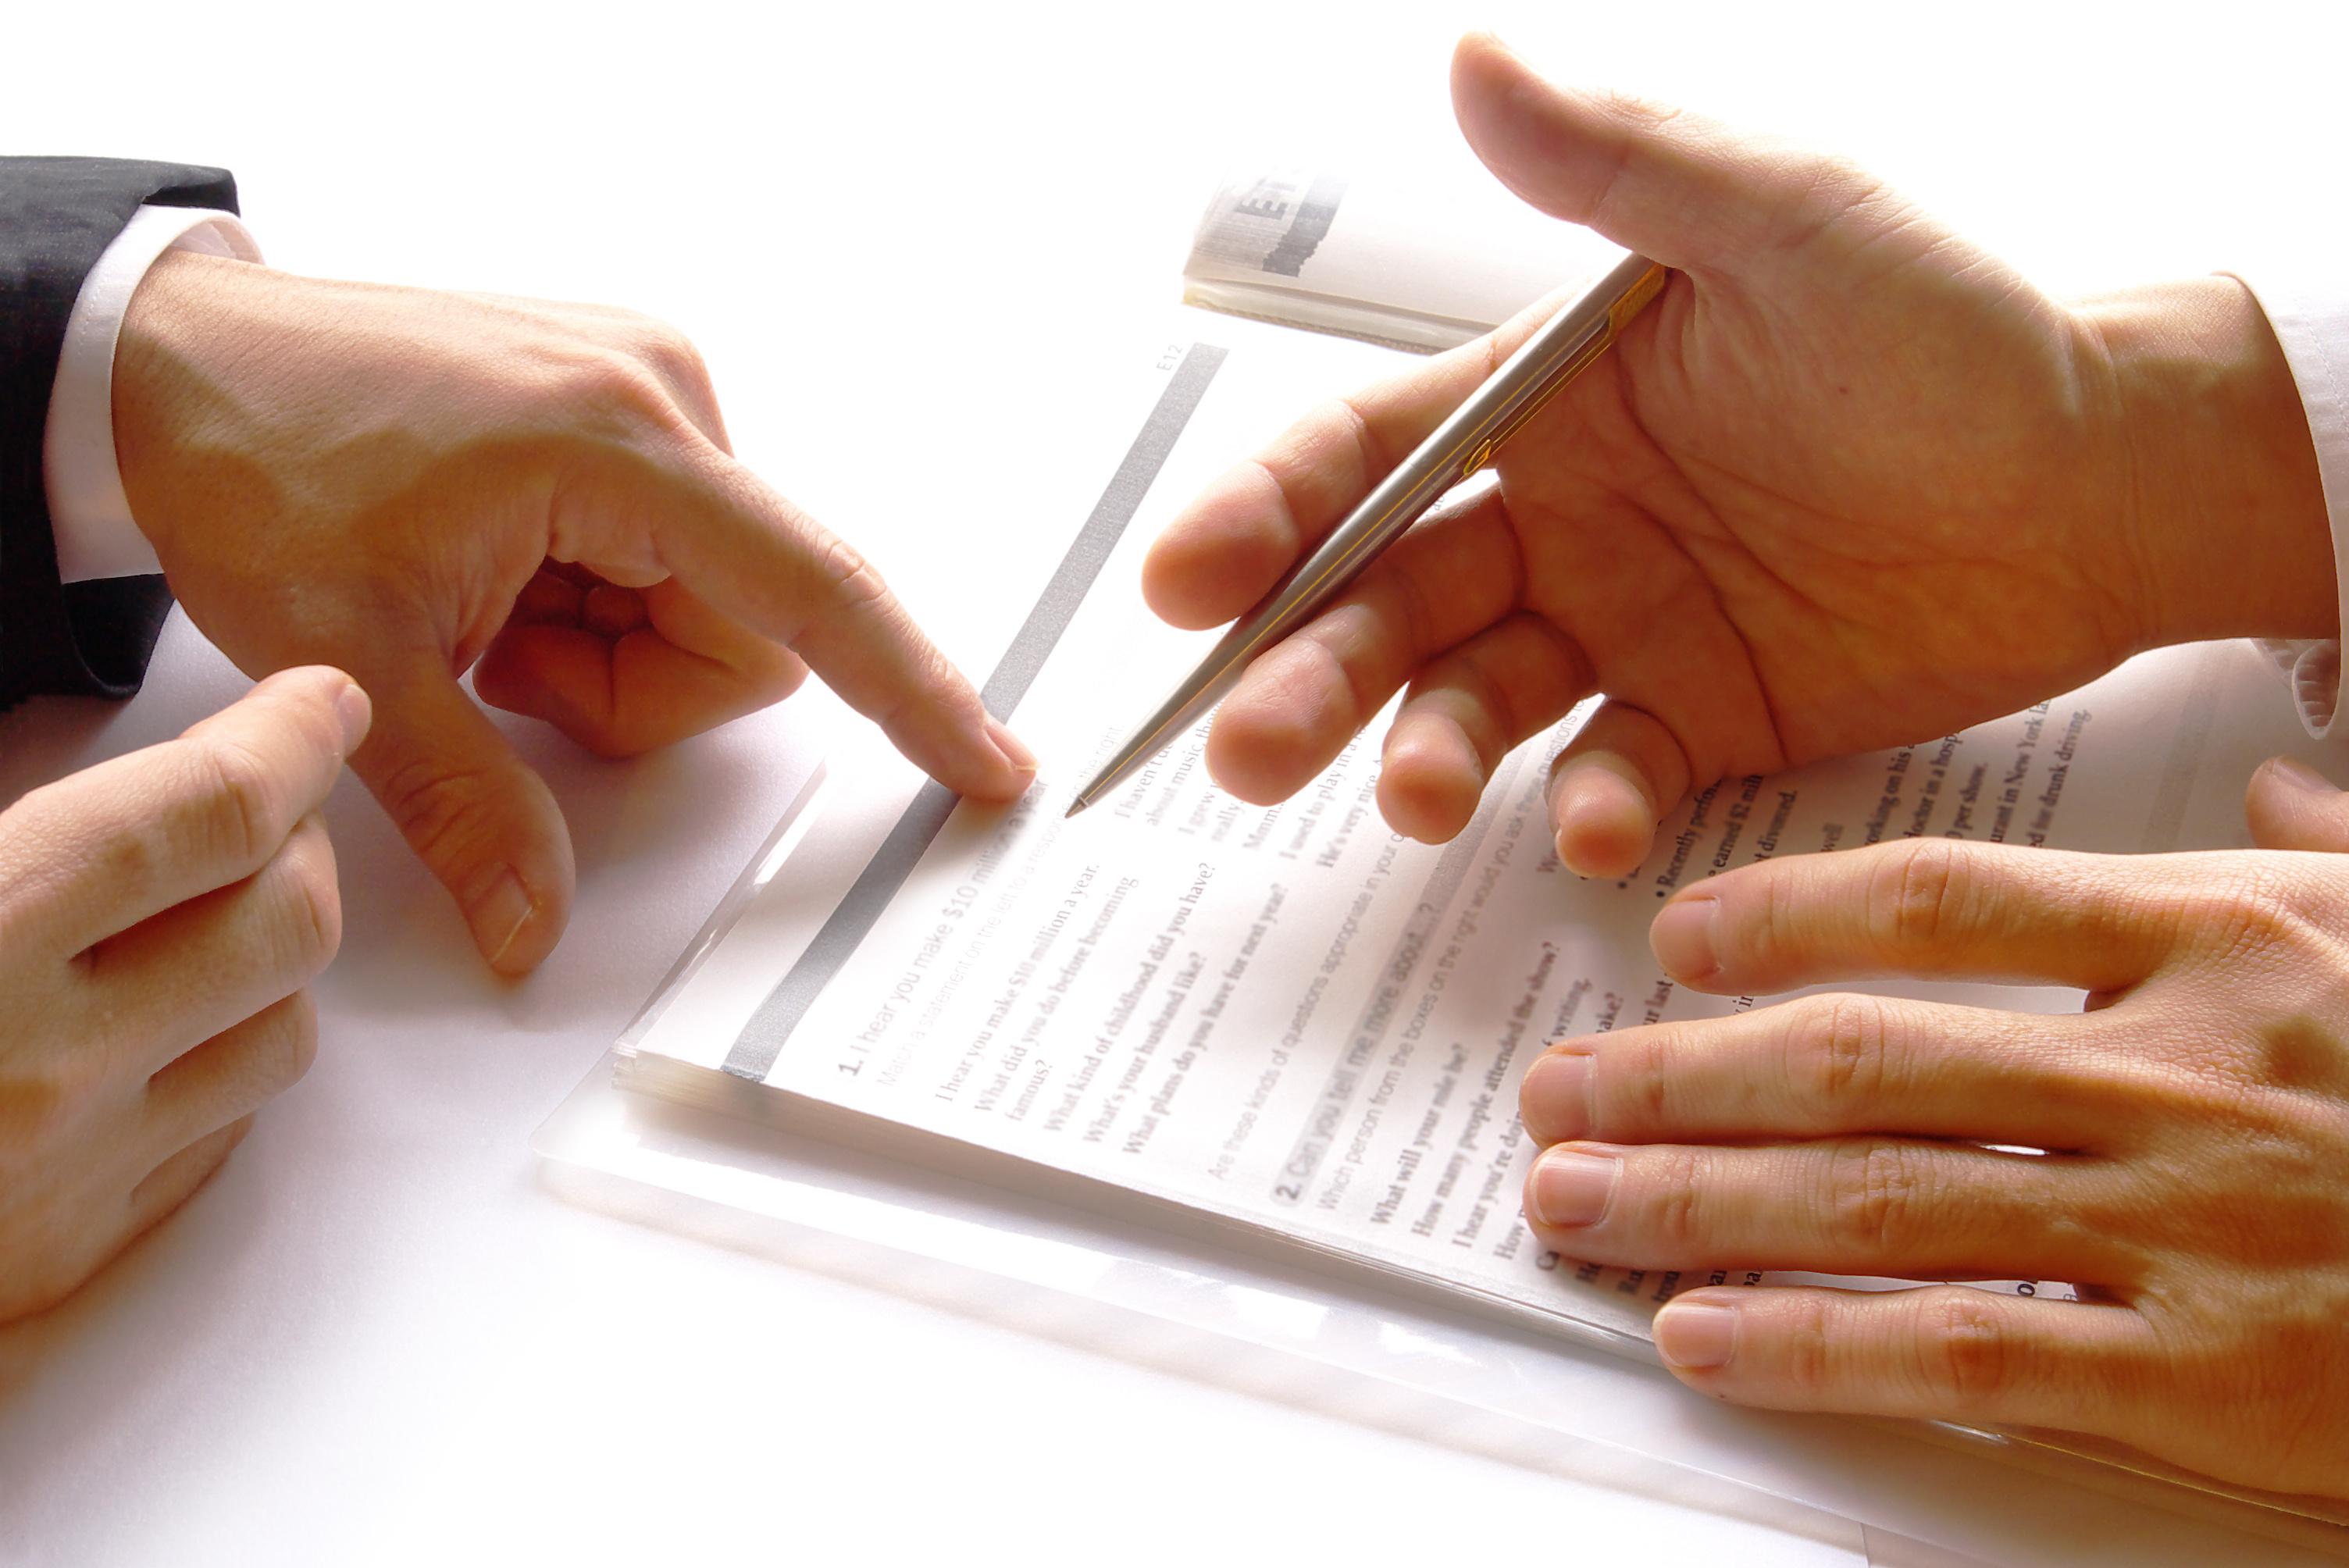 Bán hàng và những nguyên tắc kết thúc đàm phán khách hàng